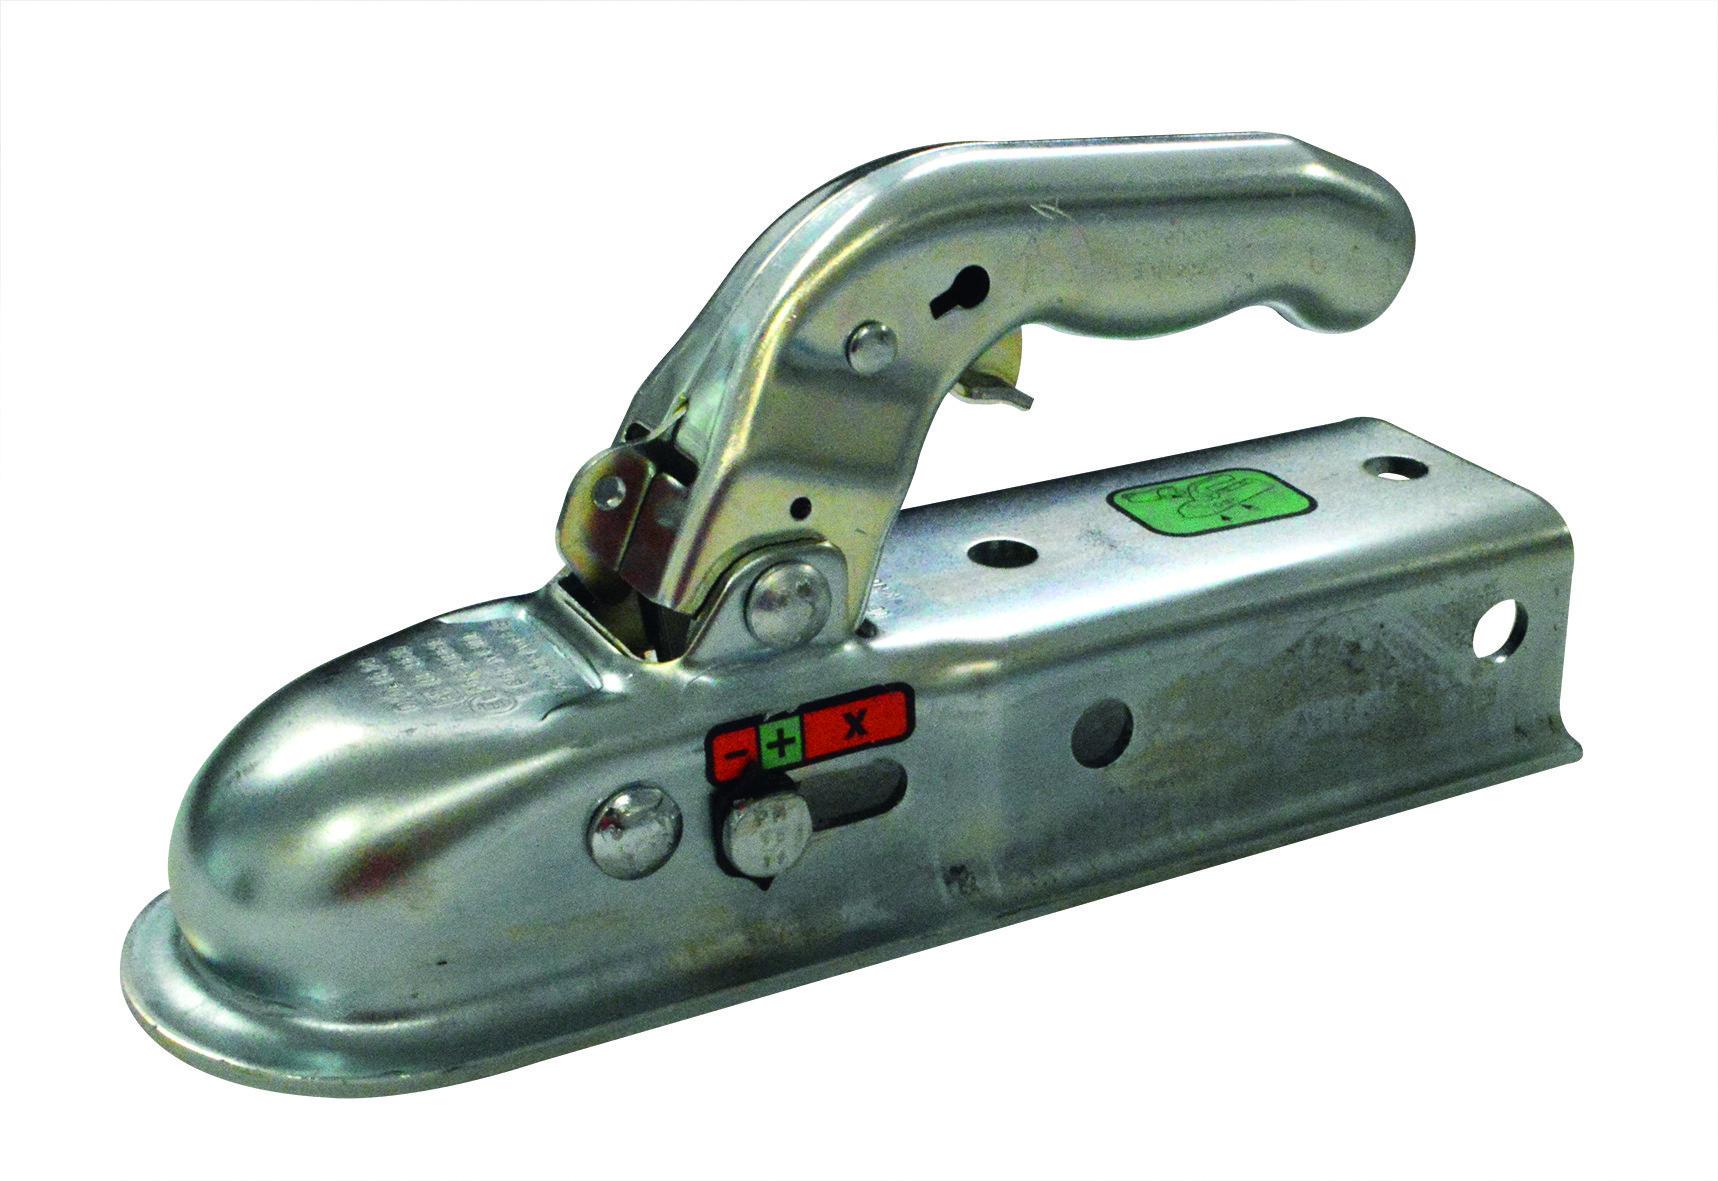 32.64 - Κοτσαδόρος Τρέιλερ Βαρέως Τύπου Ικανότητας 1500kg Με Άξονα 60mm